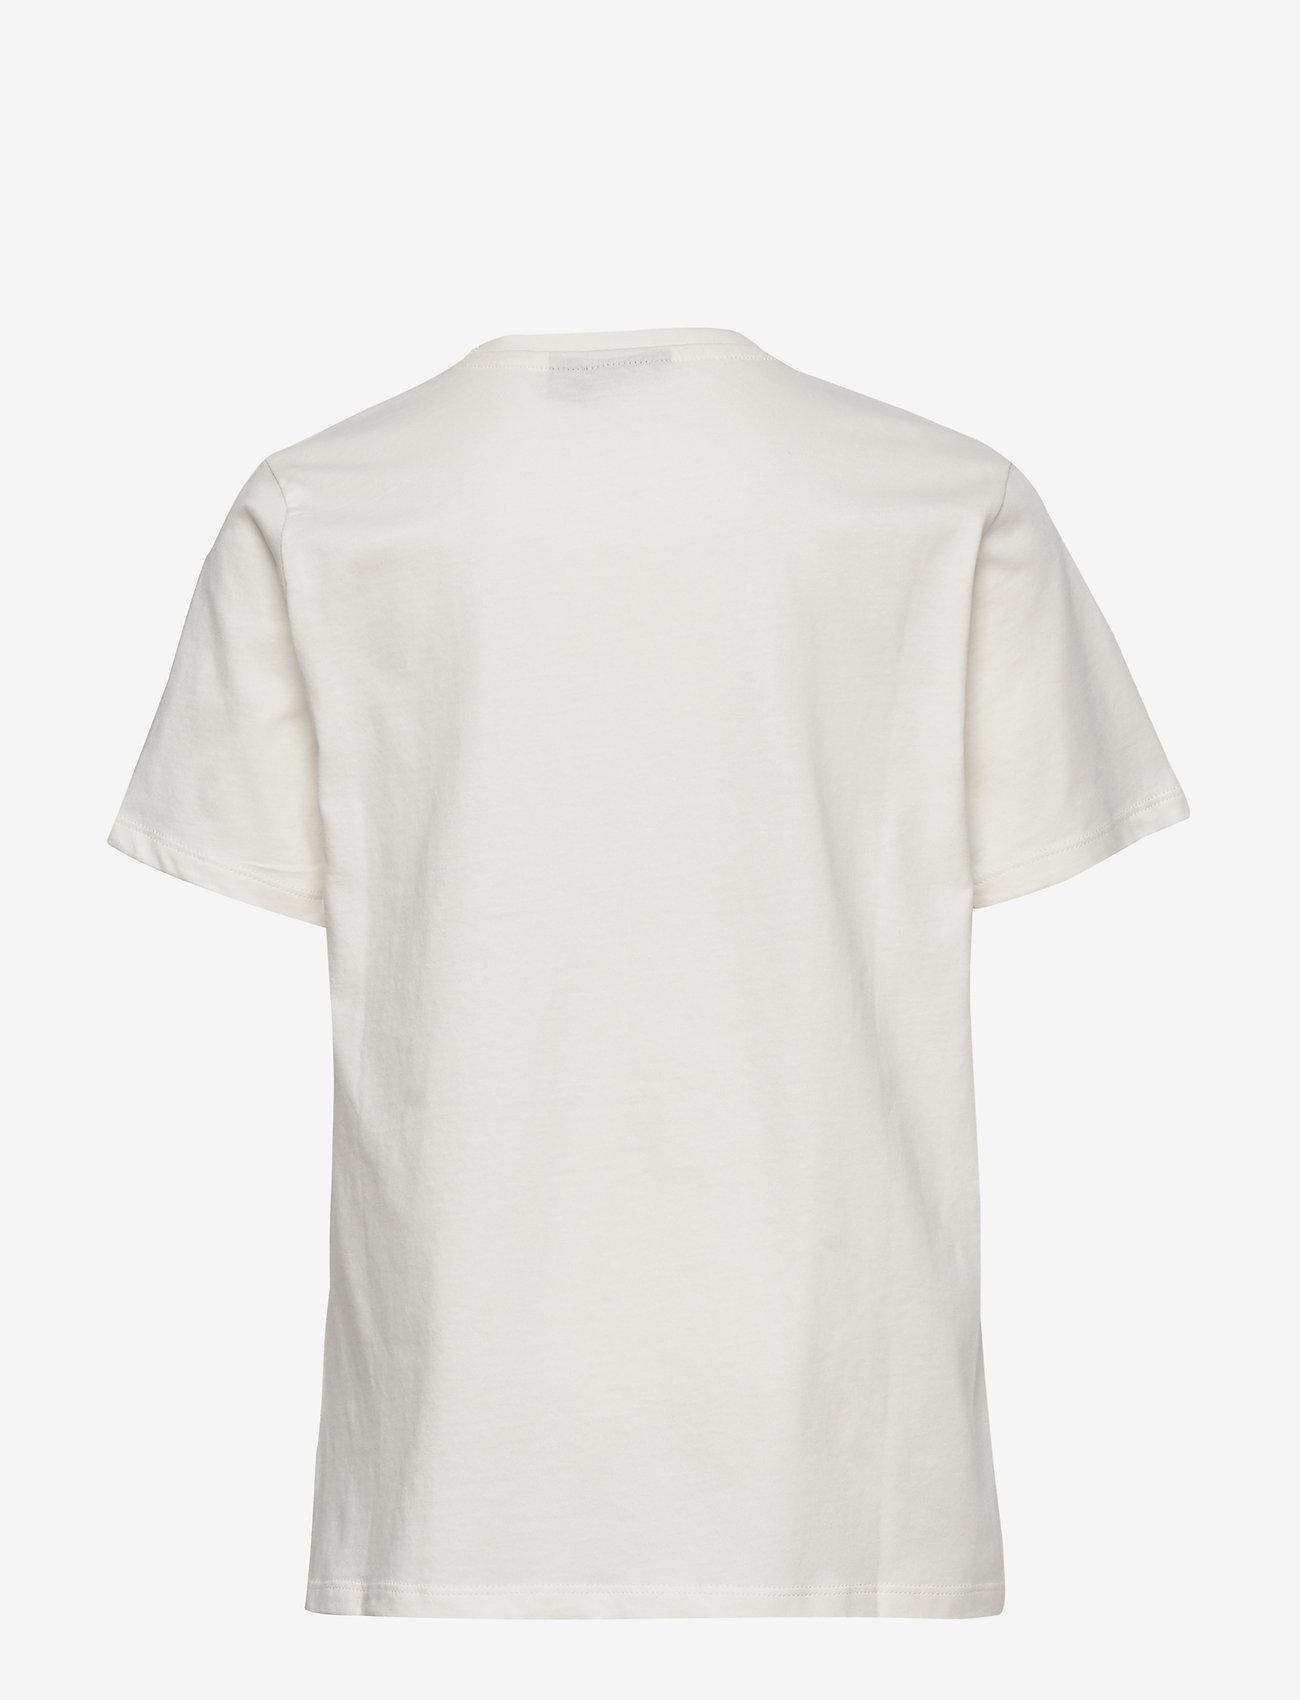 Hummel - hmlTRES T-SHIRT S/S - short-sleeved - whisper white - 1